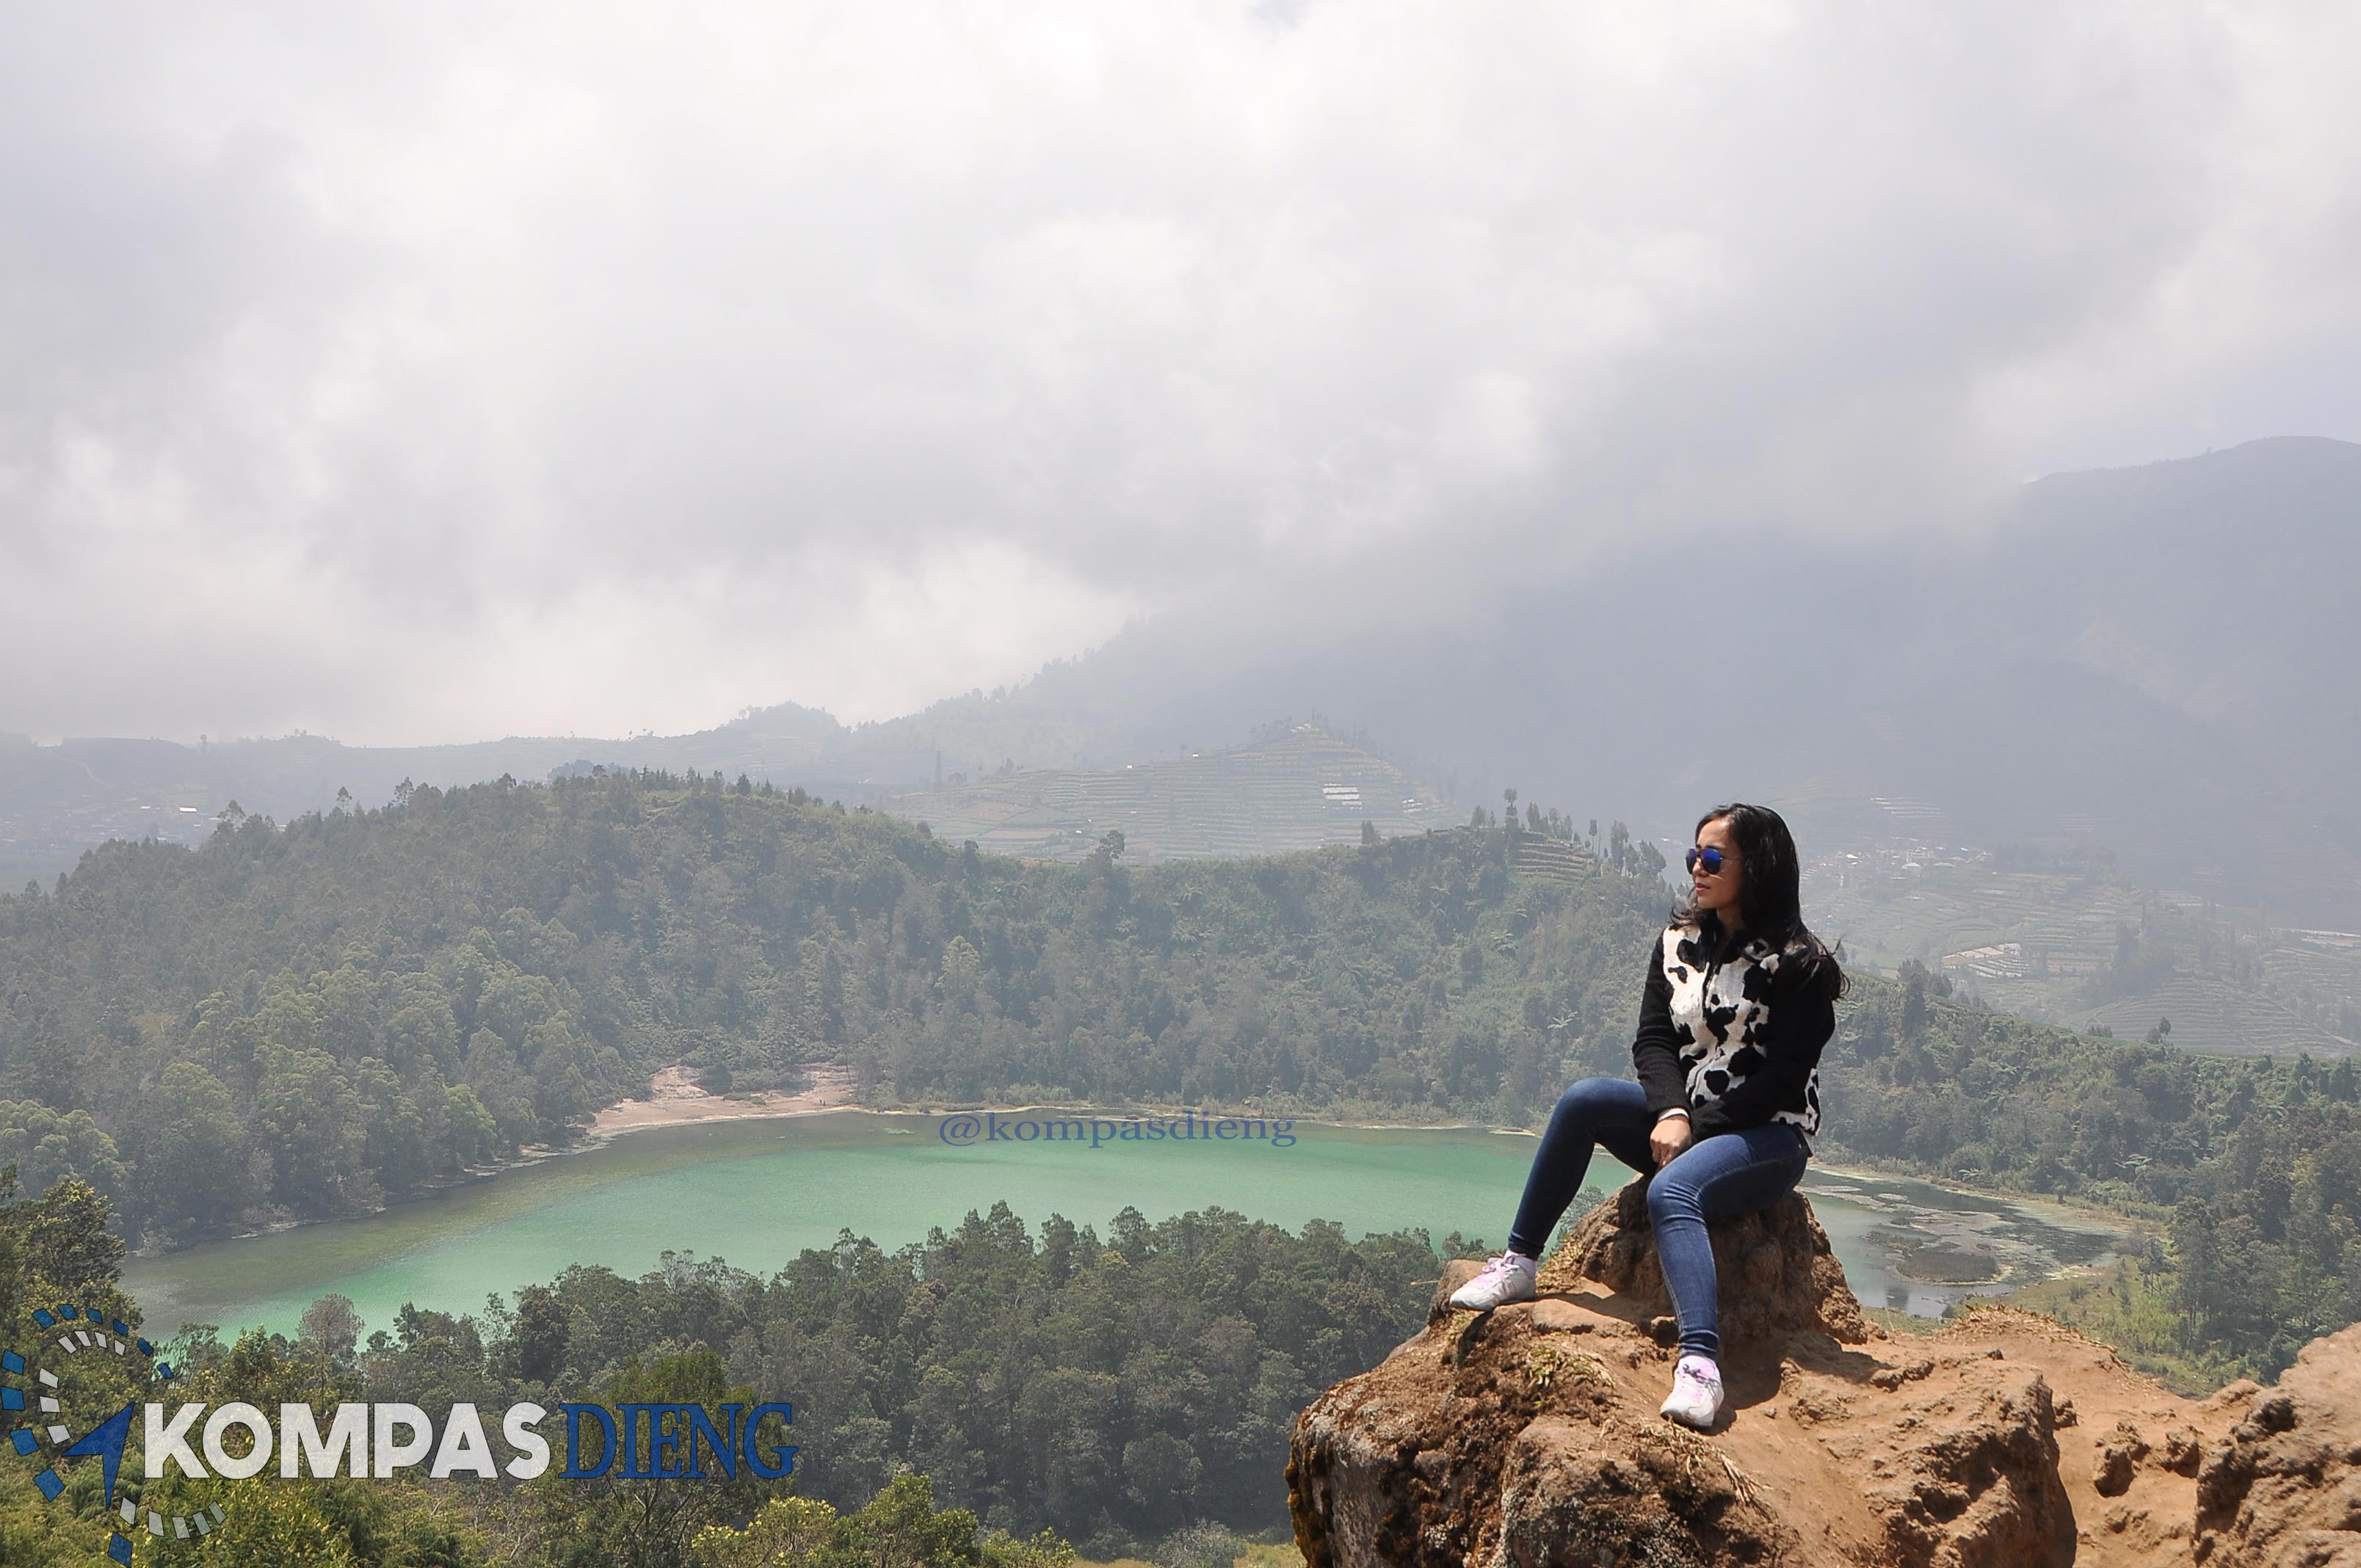 Tiket Masuk Kompleks Wisata Dieng Kab Banjarnegara 2019 Harga